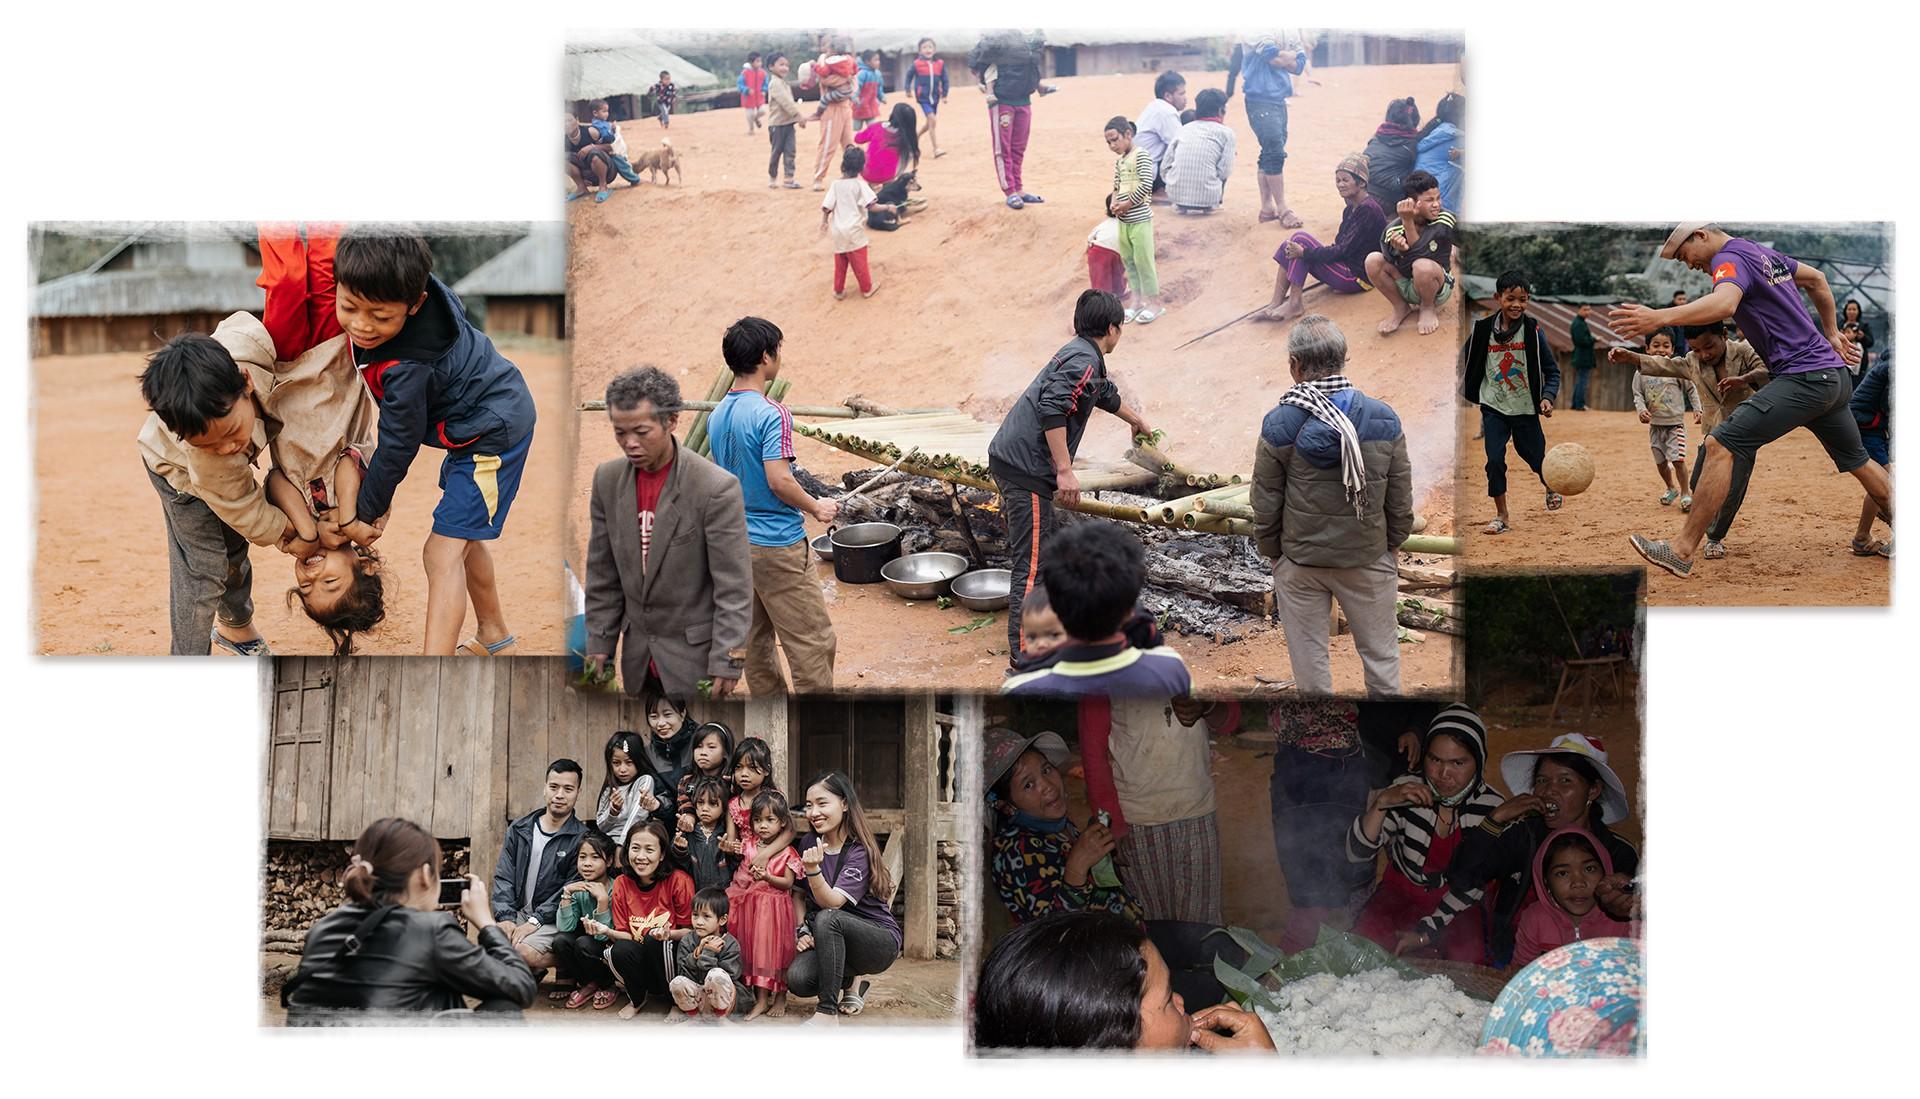 Hành trình cõng gạo cứu đói ở vùng biên của 70 người trẻ - Ảnh 7.